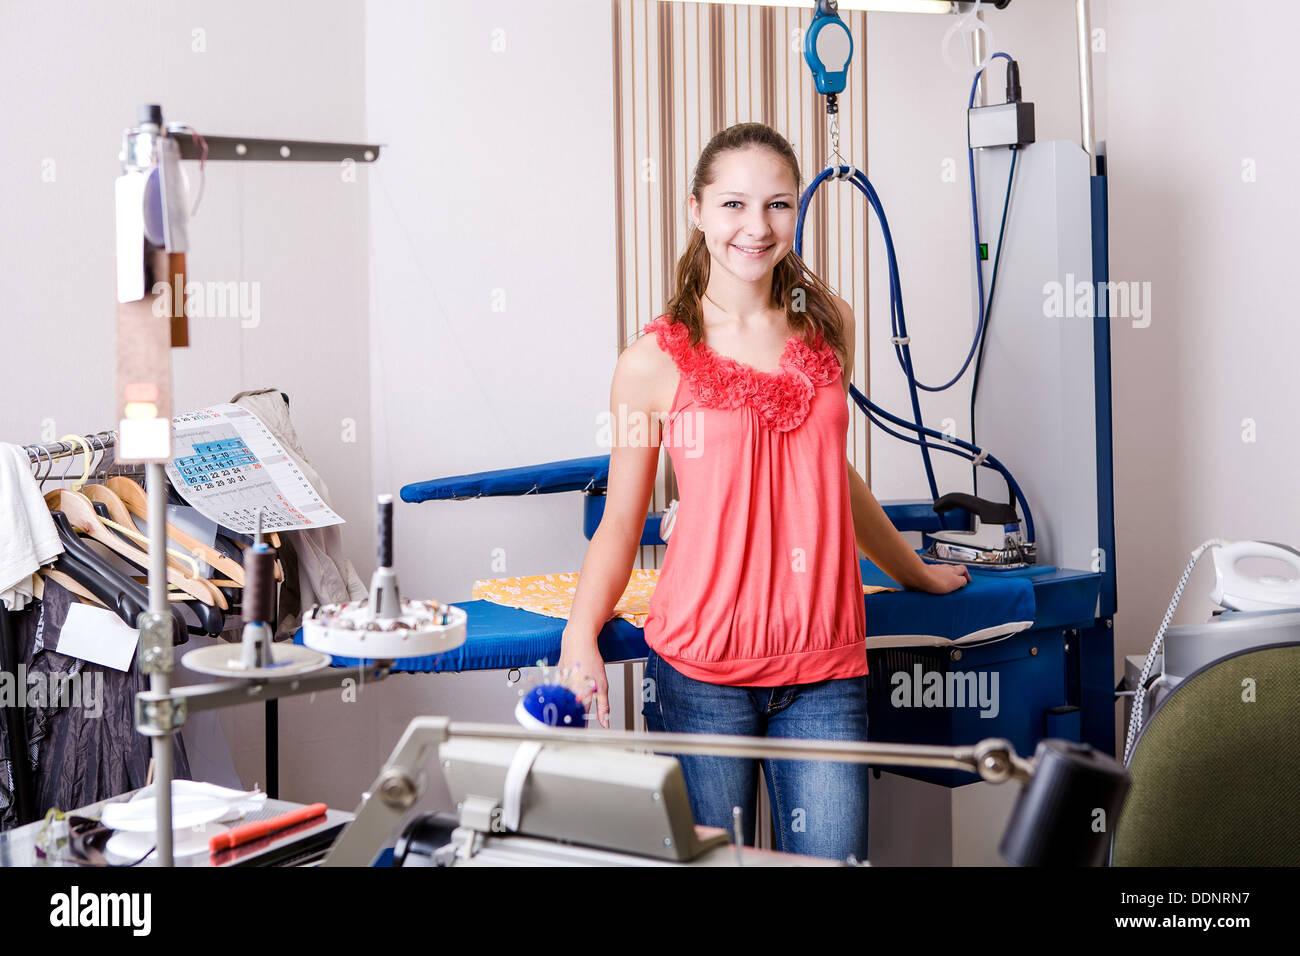 Une jeune femme couturier dans l'atelier à planche Photo Stock